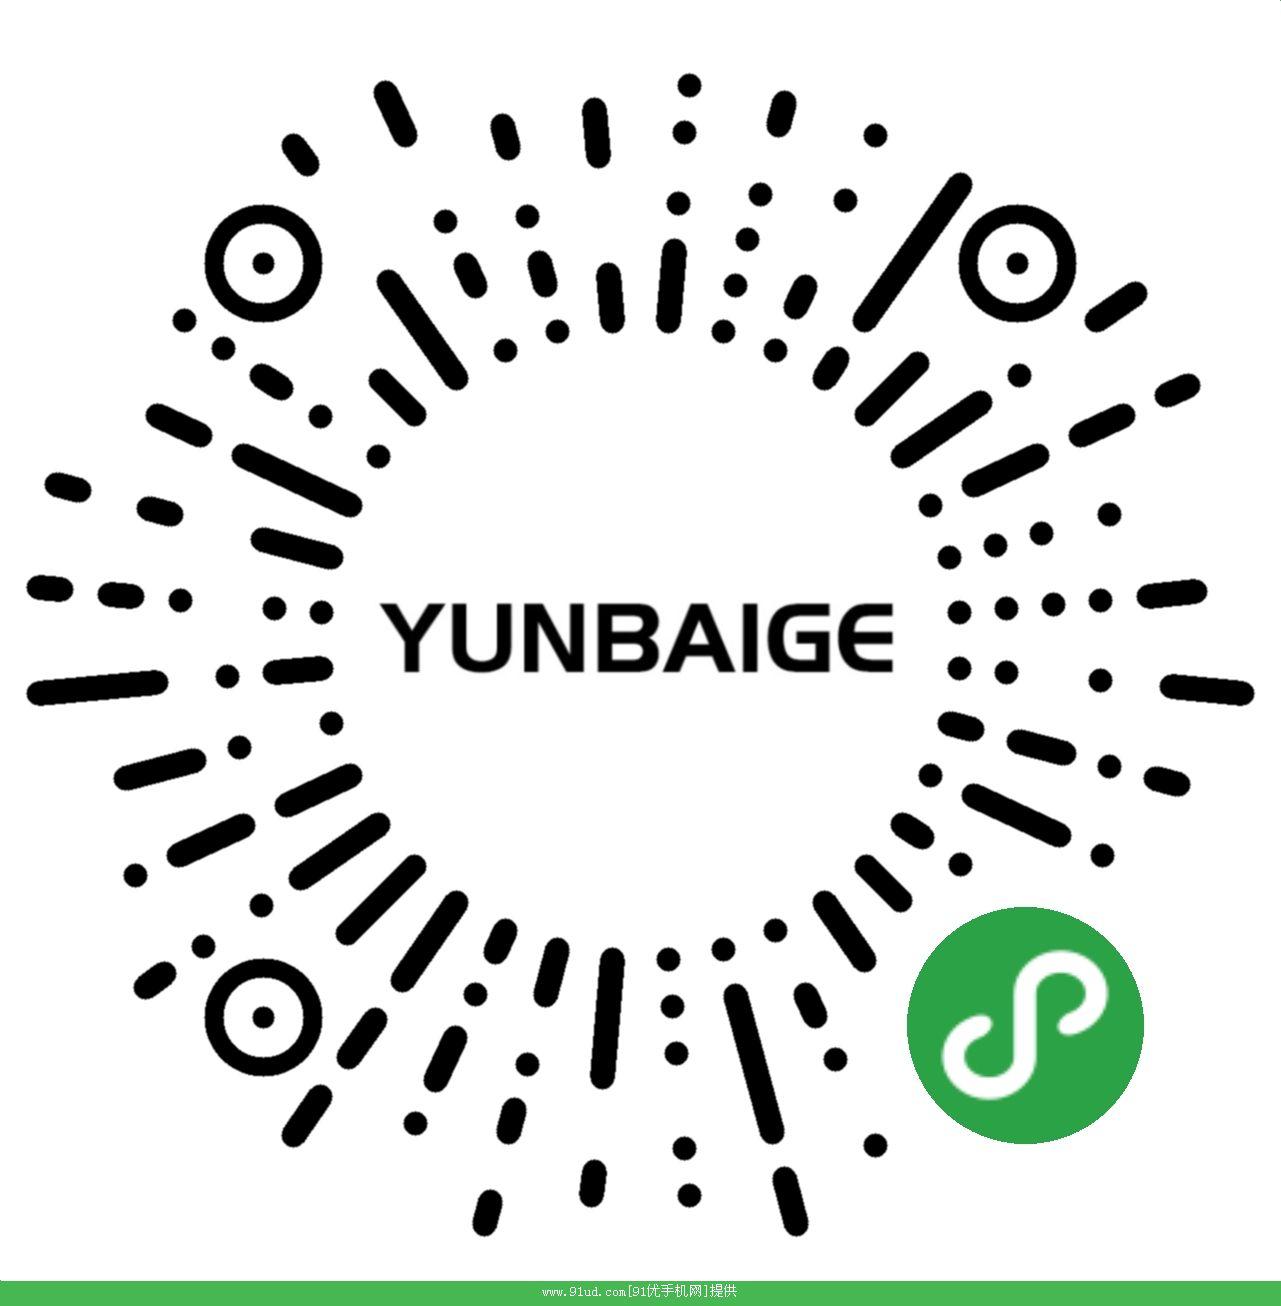 YUNBAIGE二維碼